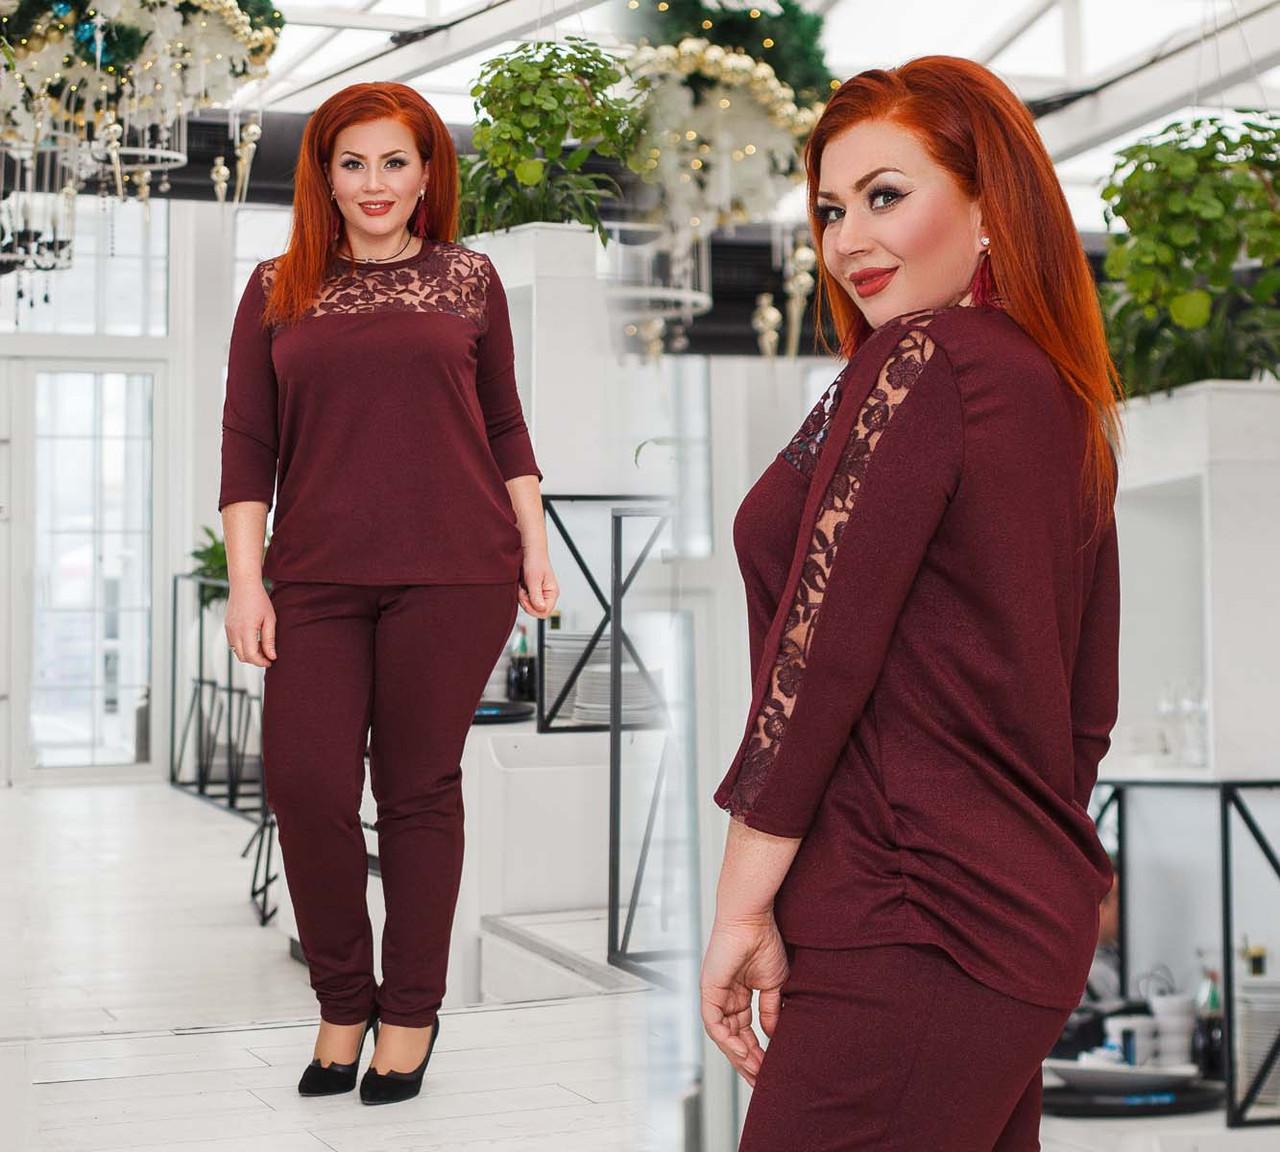 """Ошатний жіночий брючний костюм у великих розмірах 41224 """"Дубаї Кокетка Вишивка"""" в кольорах"""